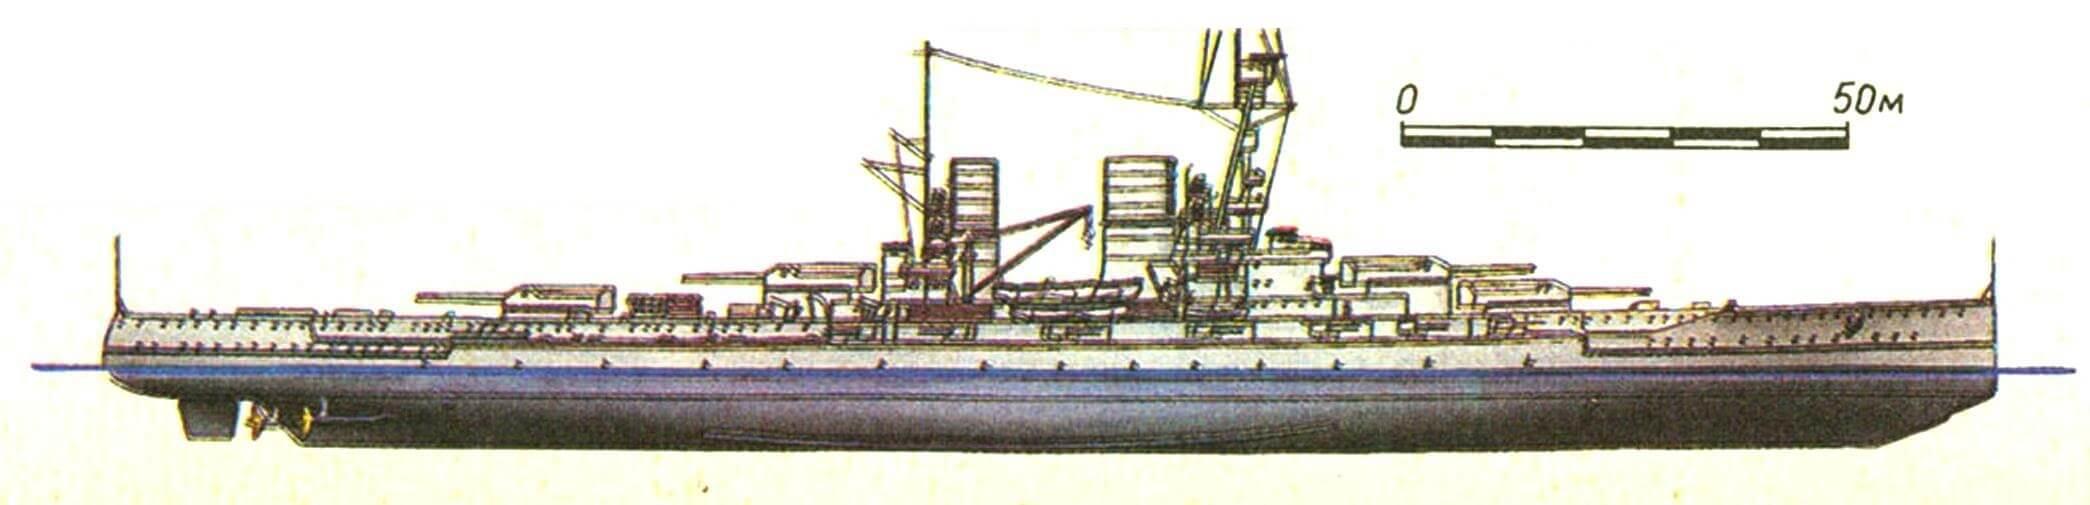 206. Линейный крейсер «МАКЕНЗЕН», Германия (проект). Заложен в 1915 г., спущен на воду в 1917 г. Водоизмещение нормальное 30500 т, полное 35500 т, длина максимальная 223 м, ширина 30,4 м, осадка 8,4 м. Мощность четырехвапьной турбинной установки 90000 л.с., скорость 28 уз. Броня: главный пояс 300 мм, в оконечностях —1 20—100 мм, верхний пояс 250 мм; казематы 150 мм, башни 320, барбеты 290 мм, палубы: 25+60...30 мм, рубка 350 мм. Вооружение: восемь 350-мм и двенадцать 150-мм орудий, восемь 88-мм зениток. Всего заложено 4 корабля, из них спущены на воду только 2: «Макензен» и «Граф Шпее» (оба в 1917 г.).